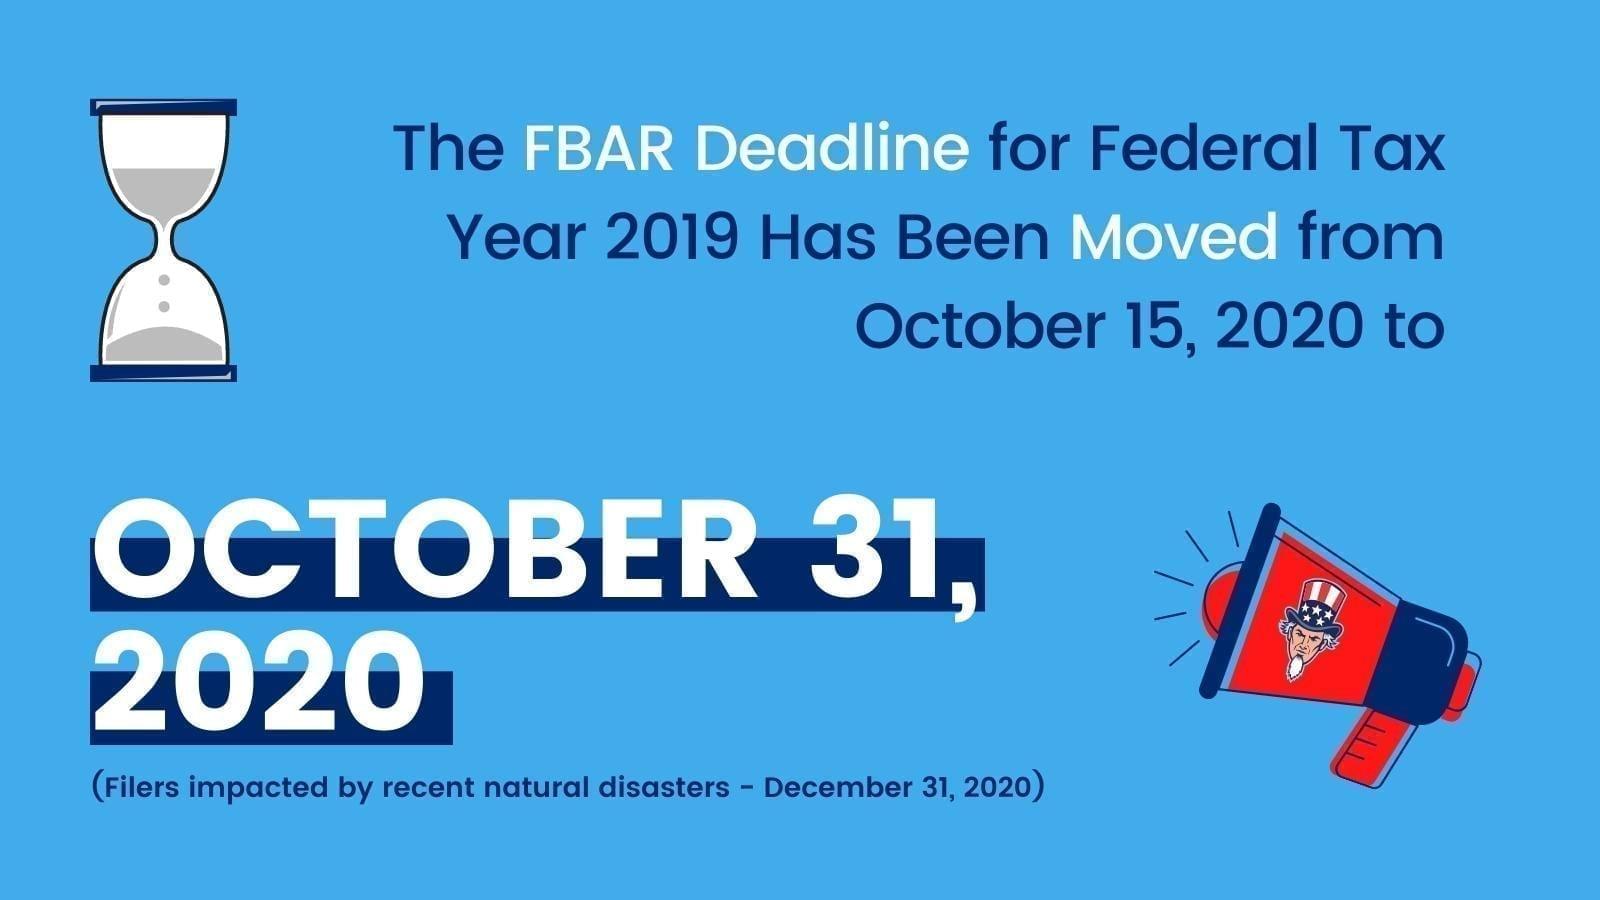 FBAR deadline for Federal tax year 2019